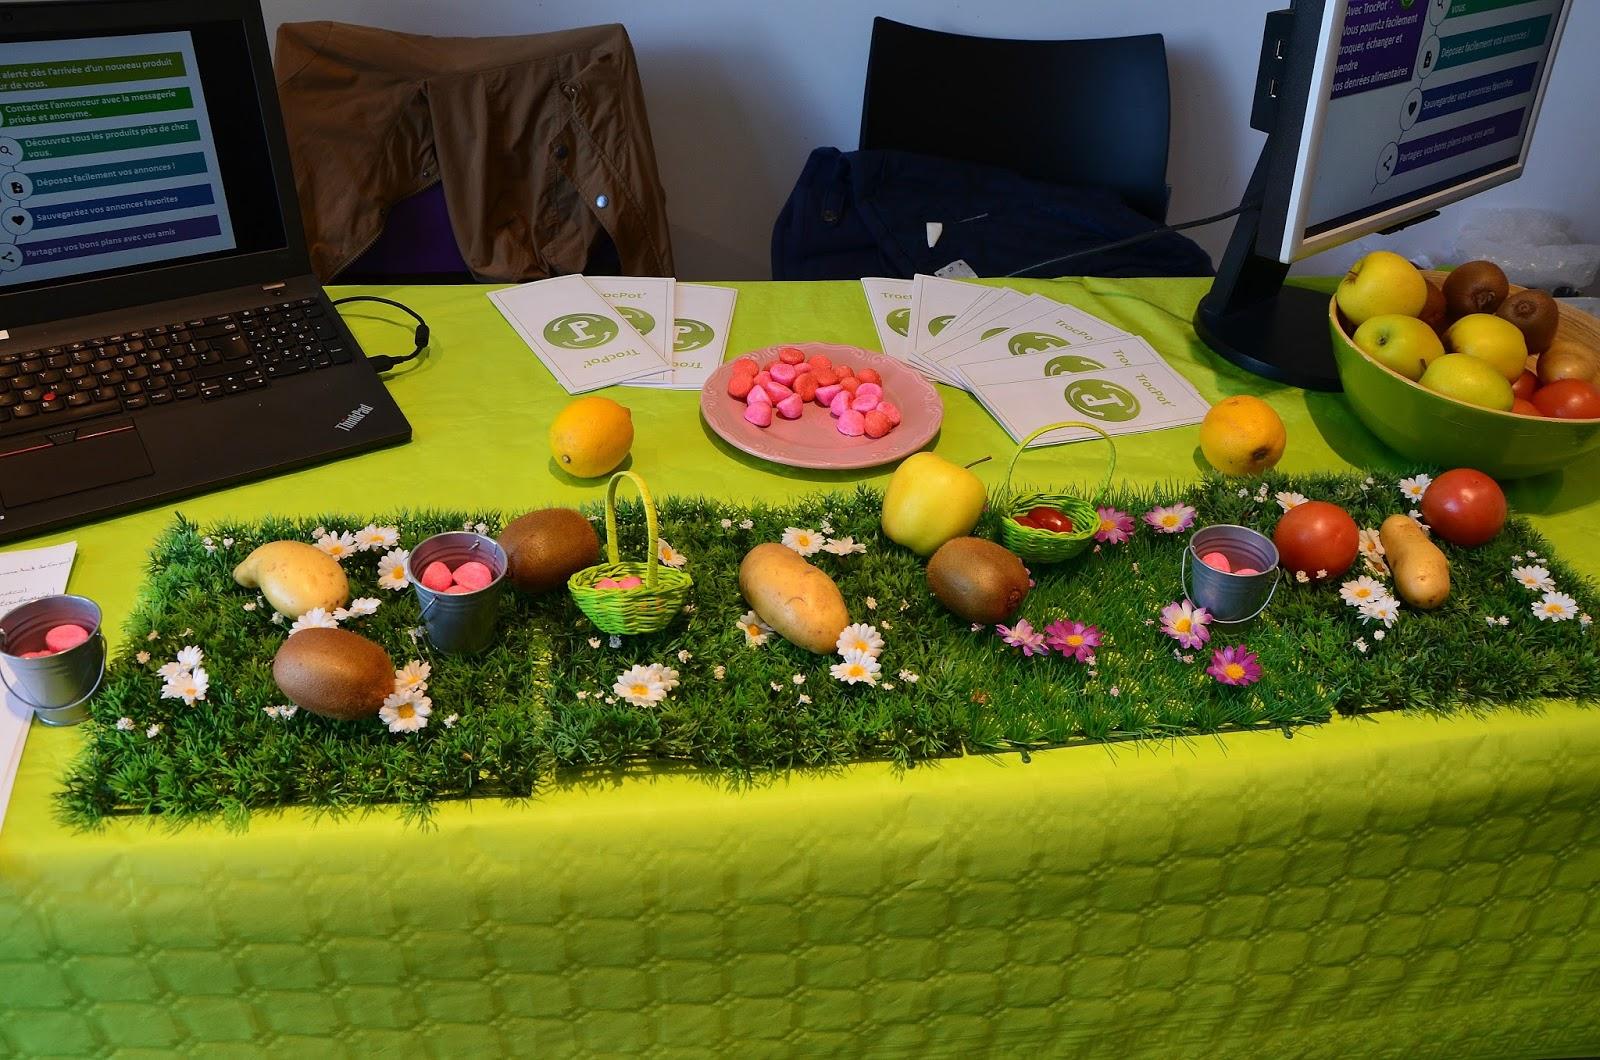 troc pot application smartphone d'échange de fruits et légumes entre particuliers